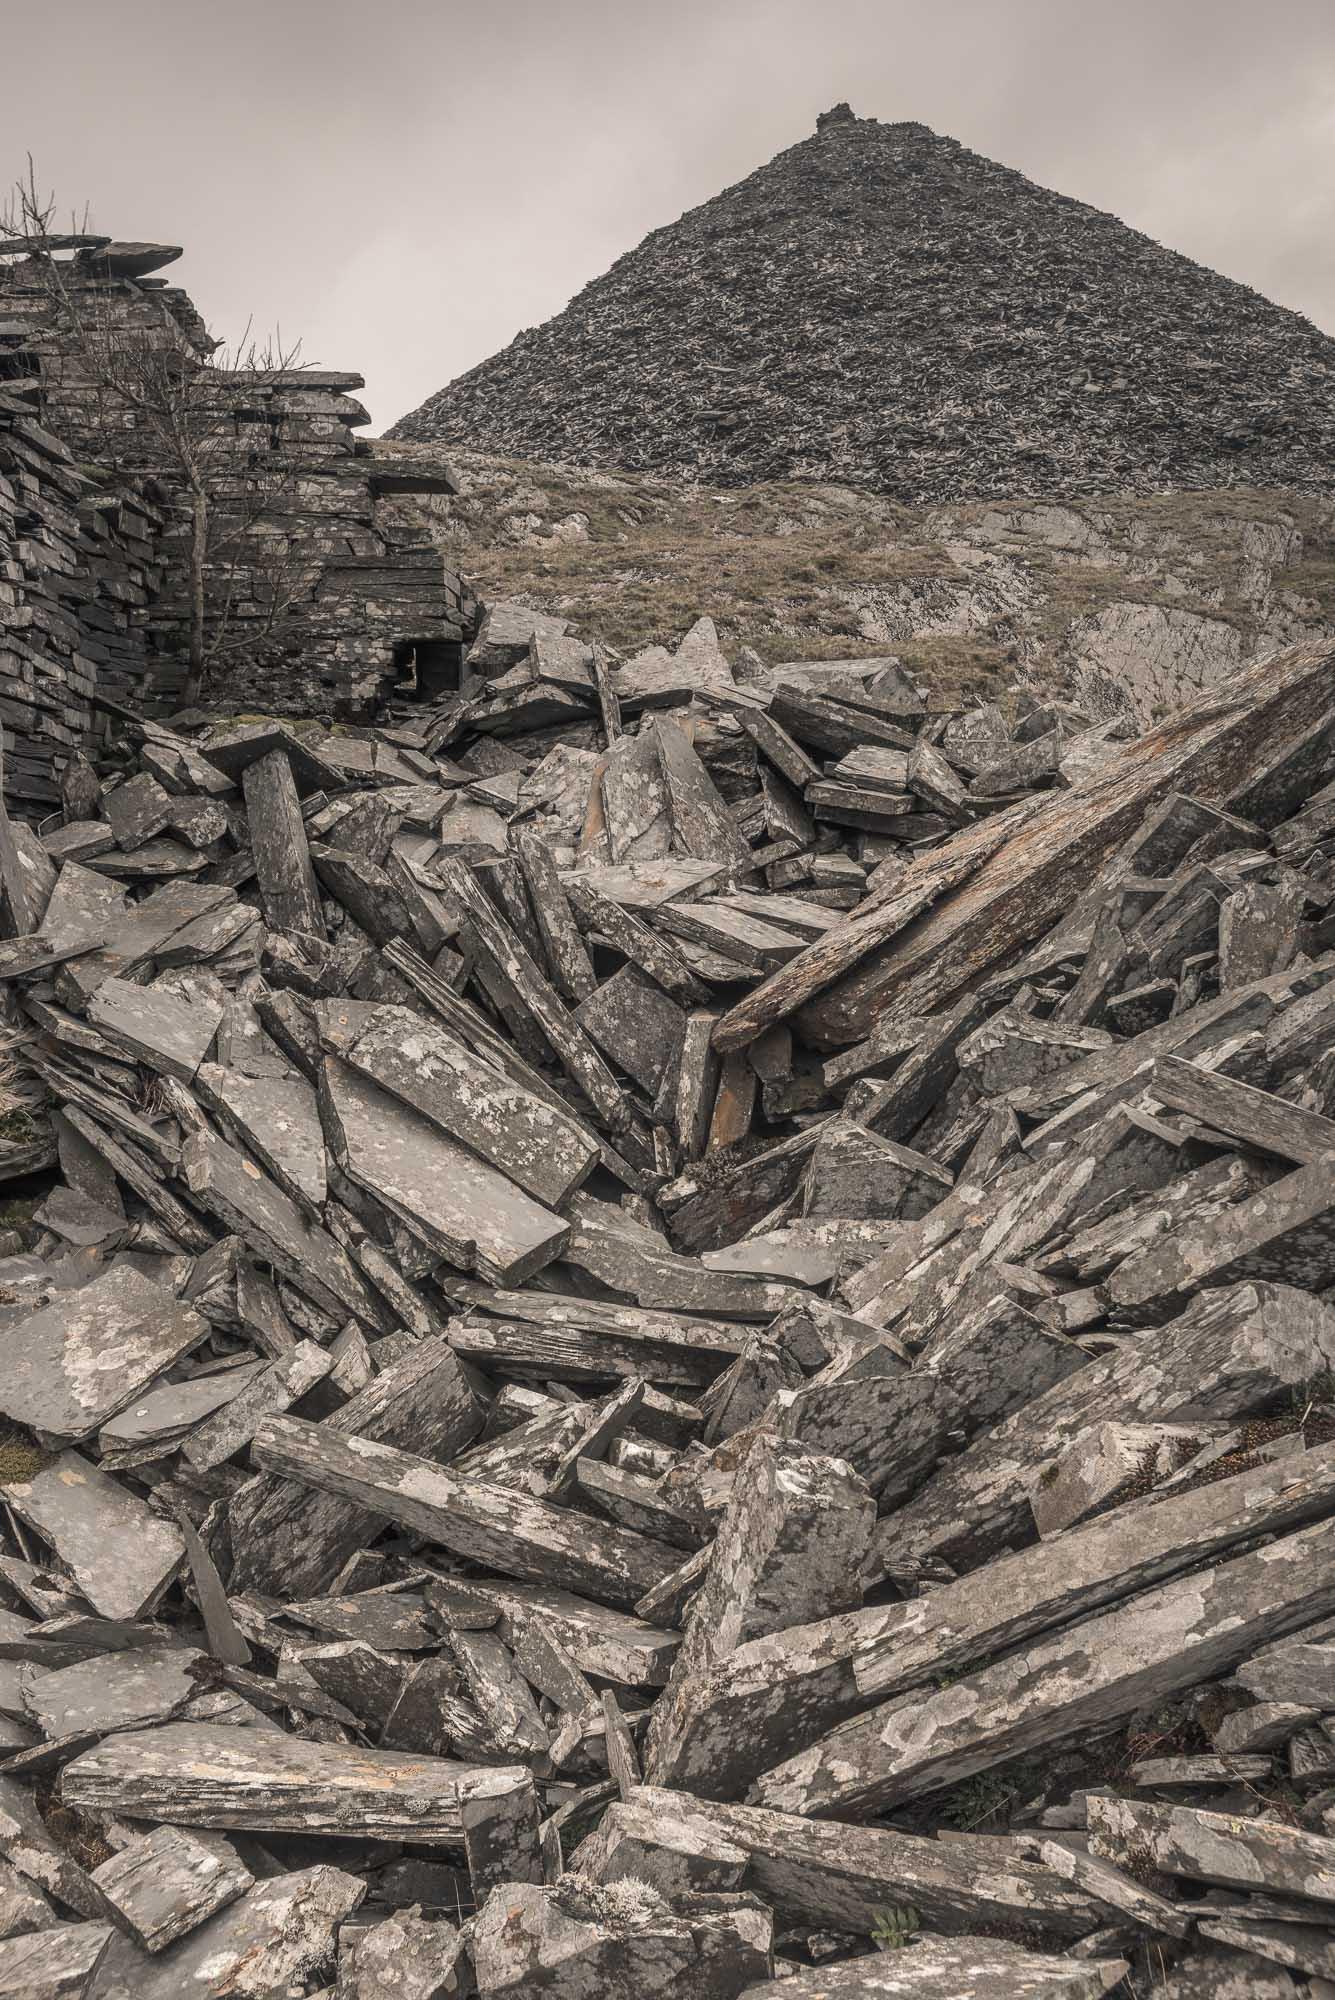 Slate babel with ruin